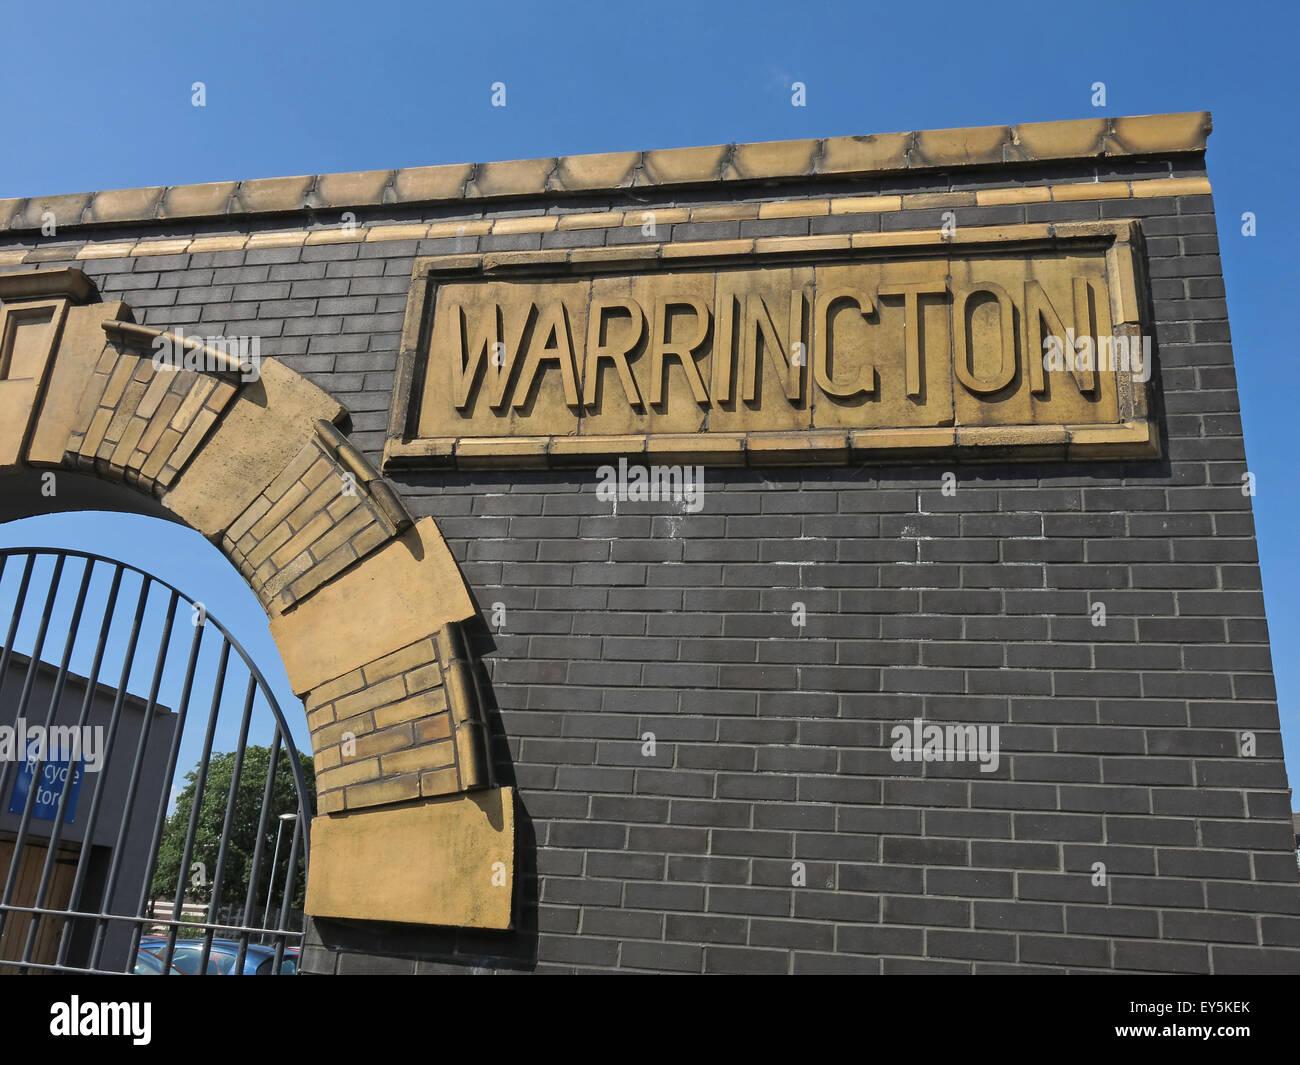 Laden Sie dieses Alamy Stockfoto Bad St, Warrington Hospitals NHS Trust, Cheshire, England, Vereinigtes Königreich - EY5KEK